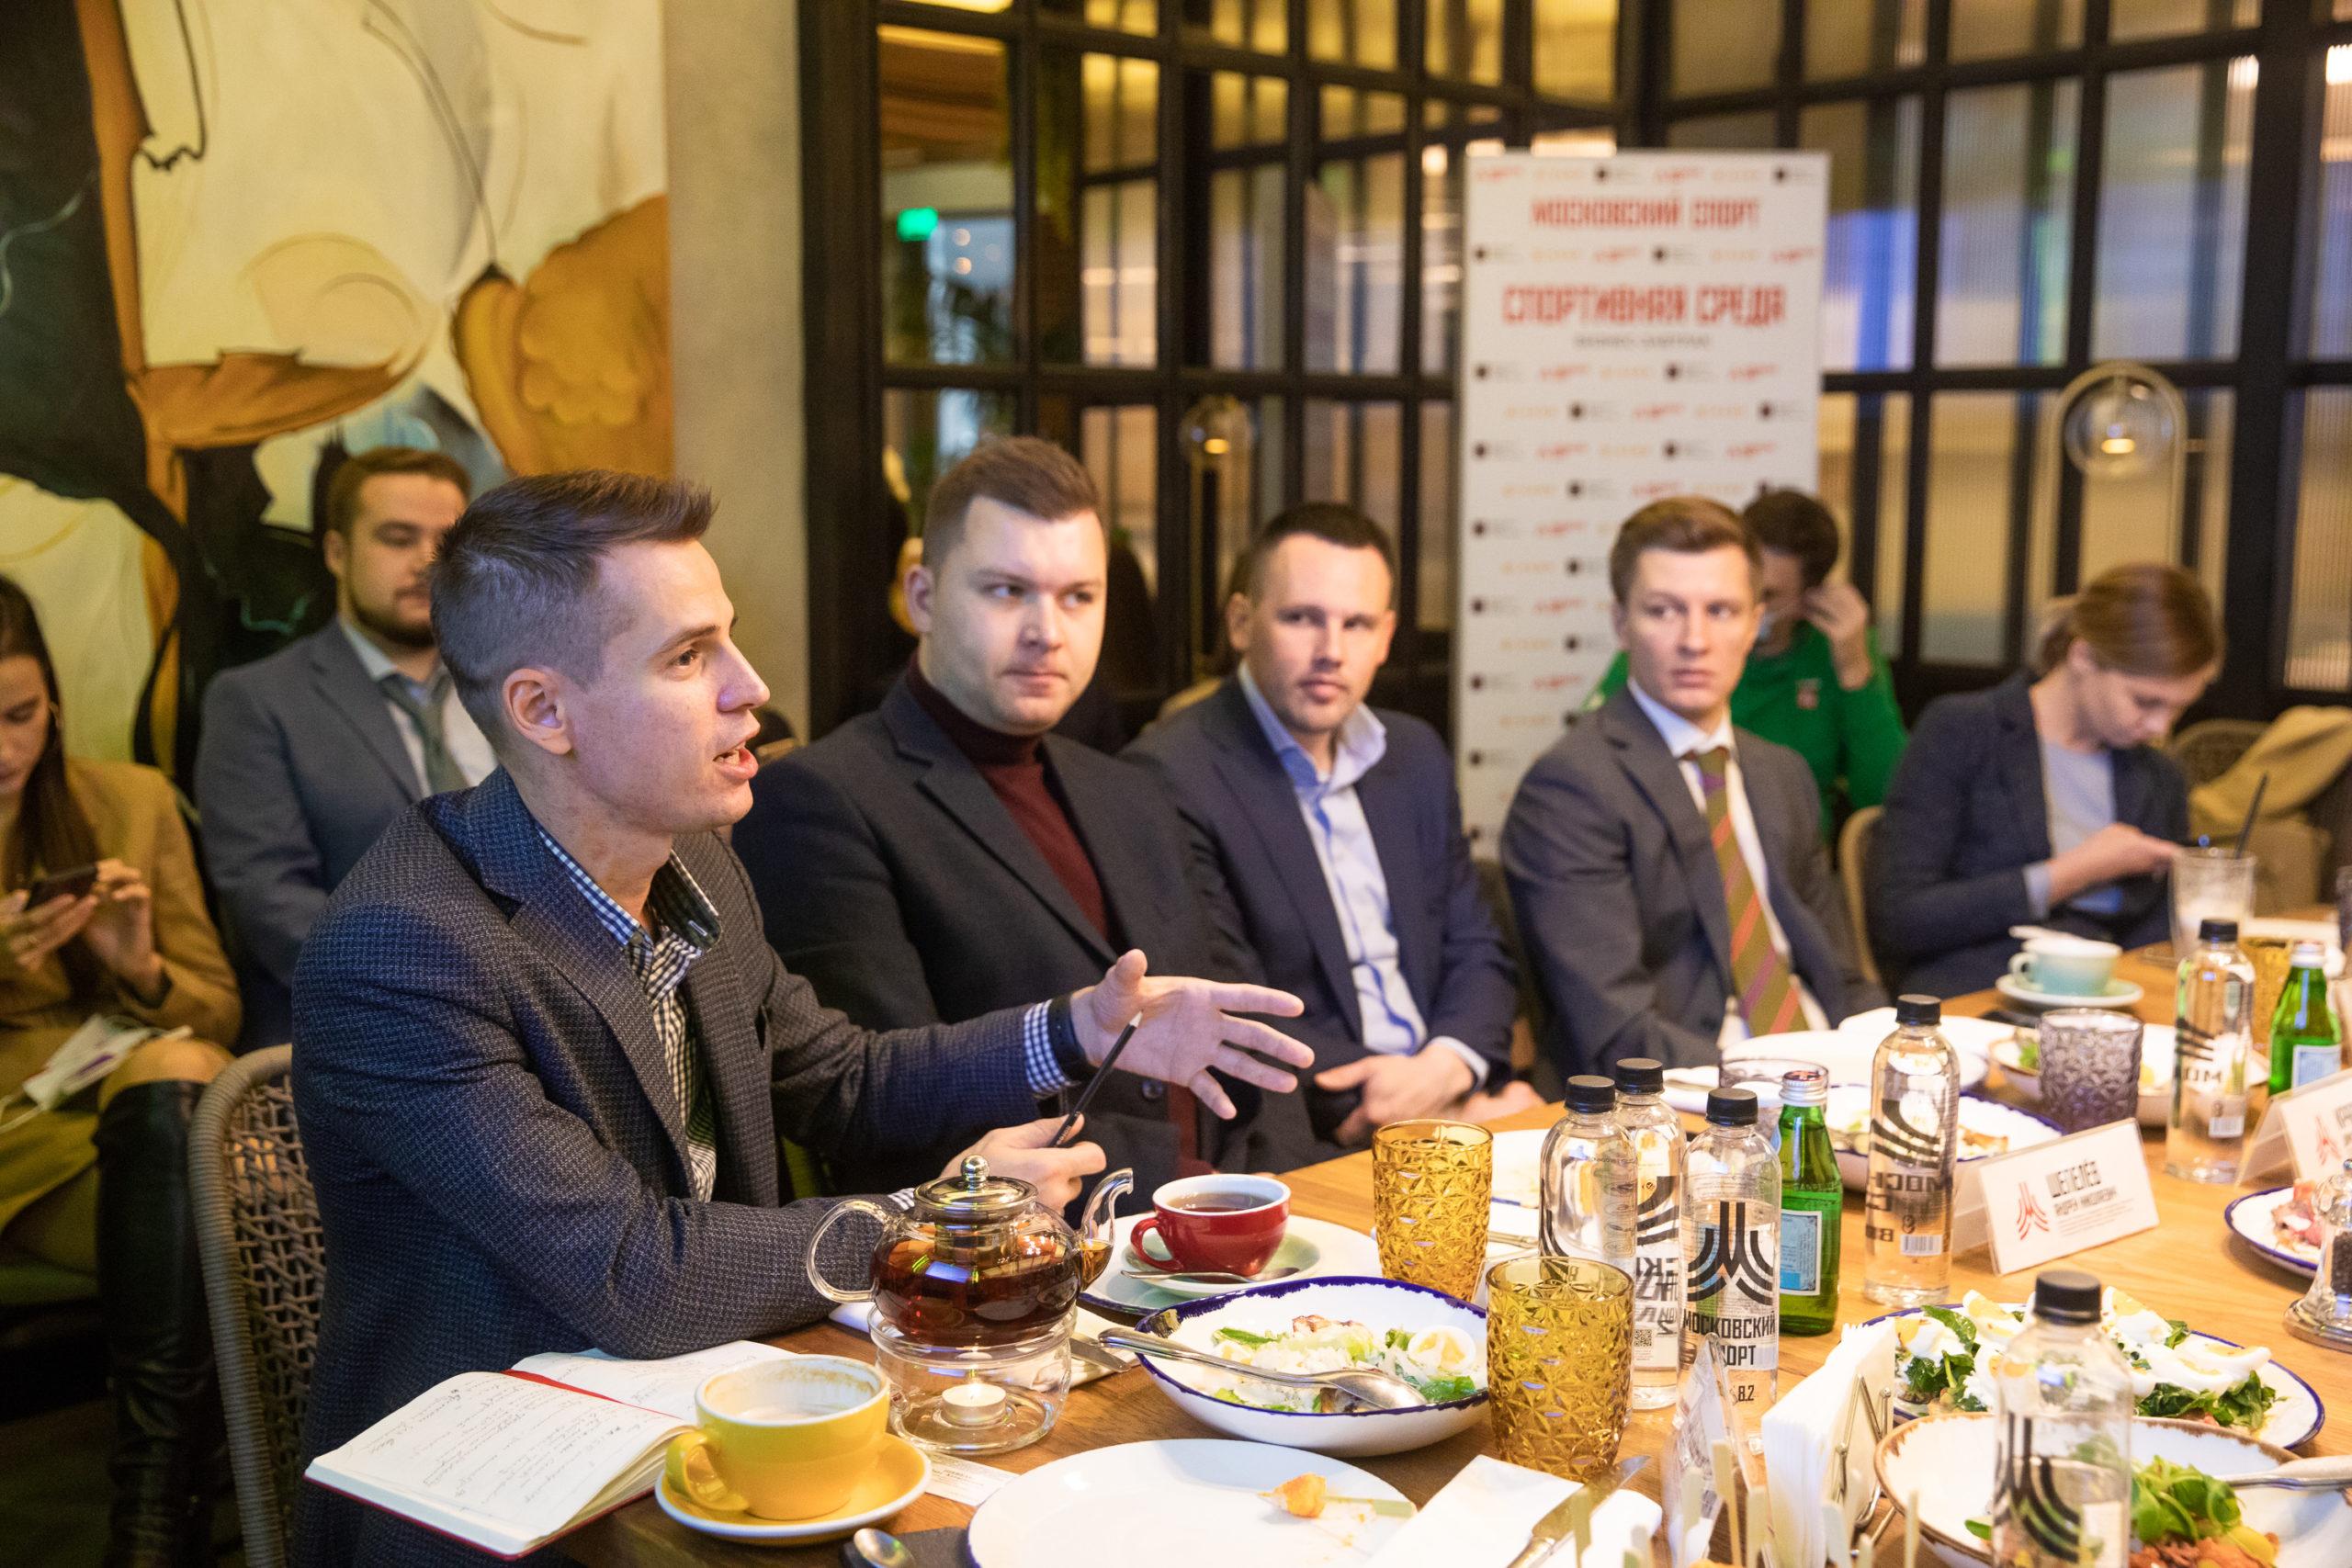 Спортивный акселератор «прокачает» проекты и стартапы в Москве